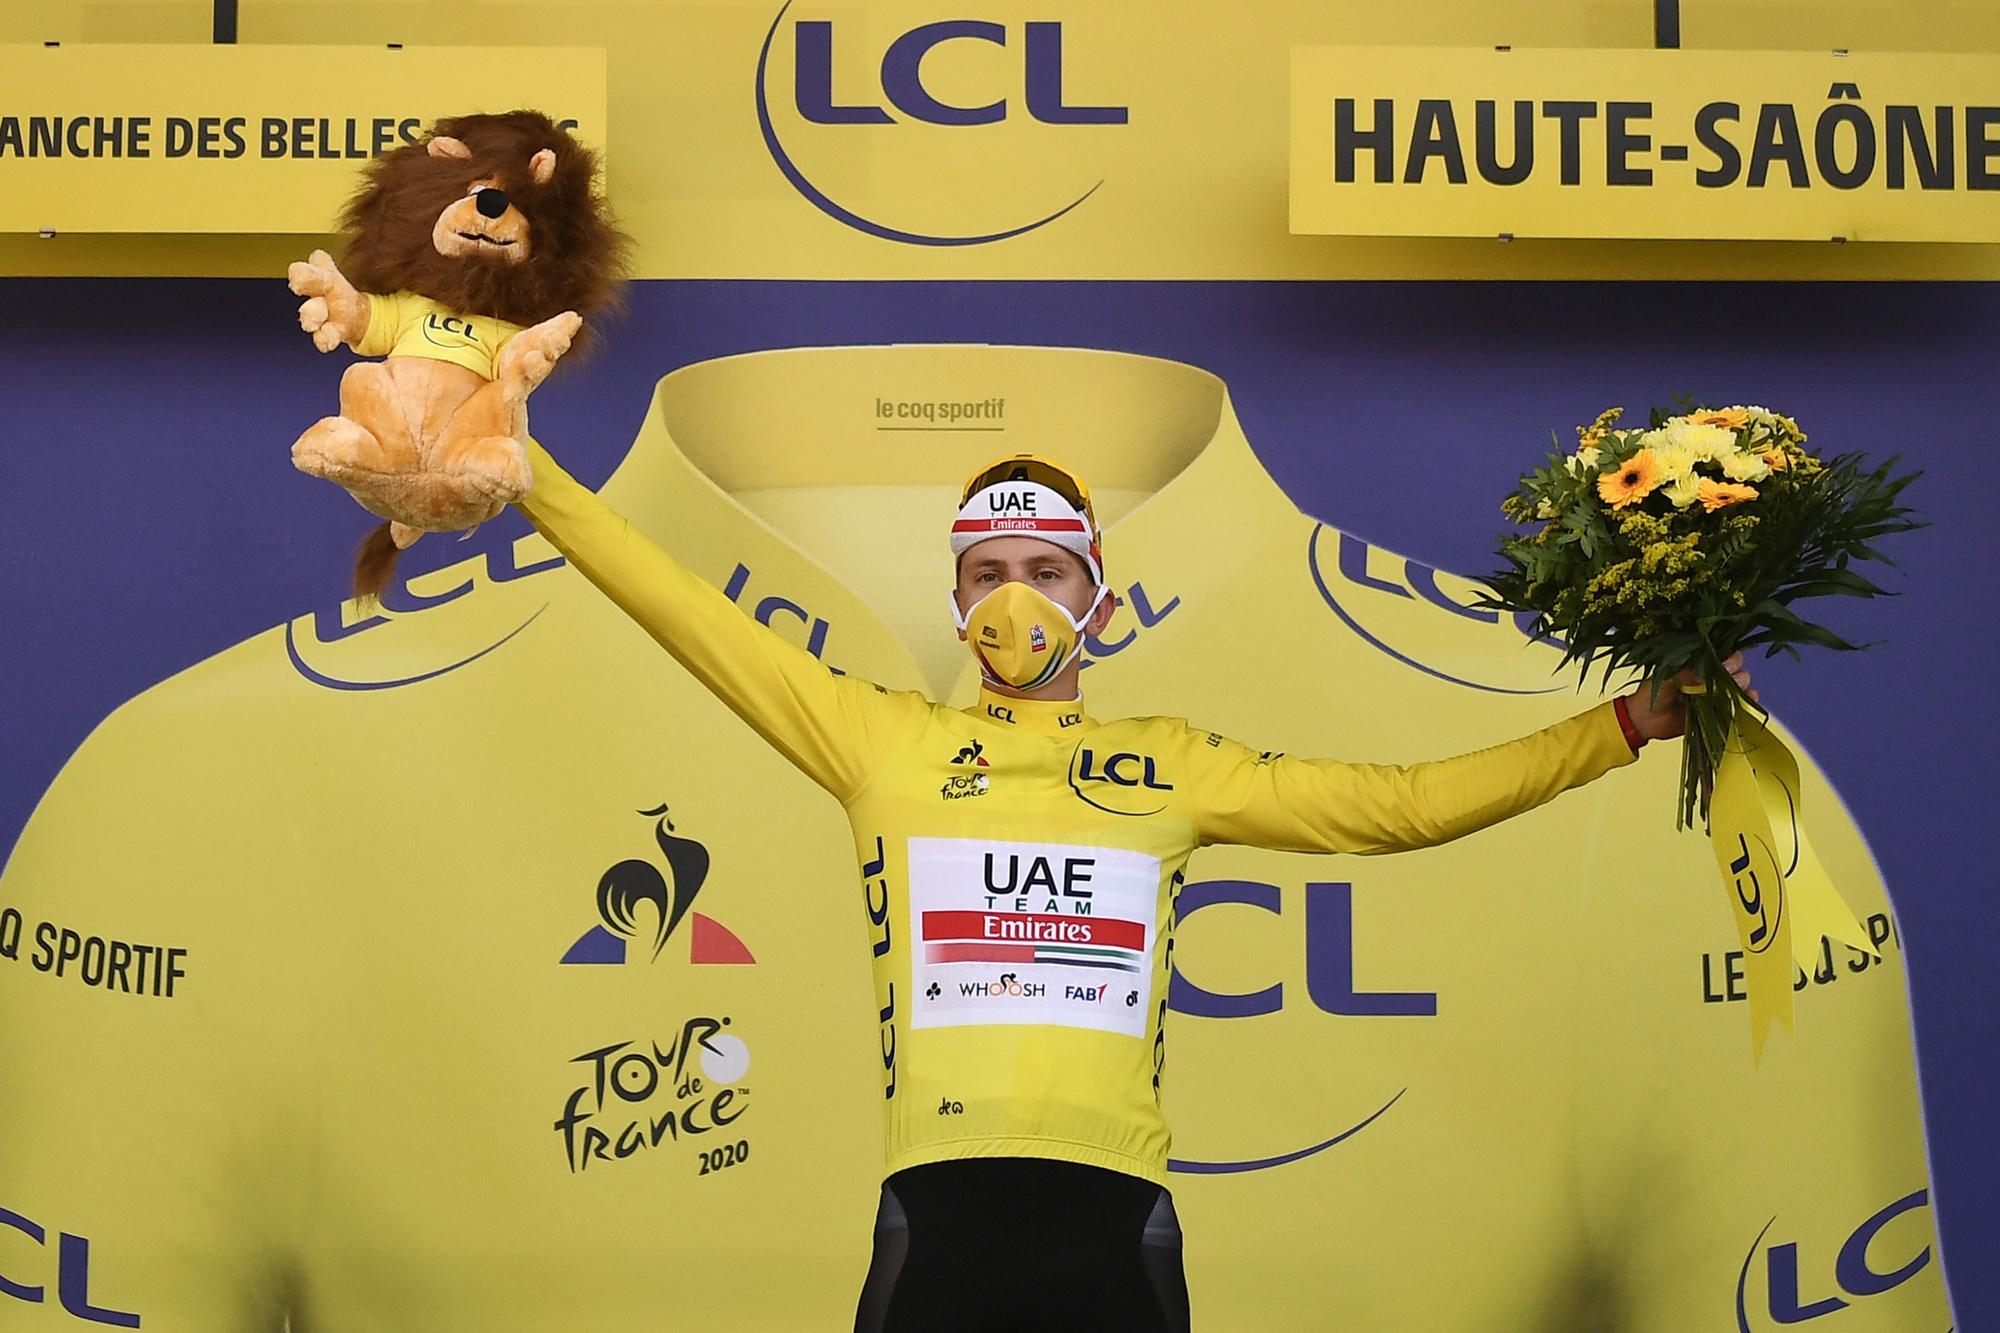 Tadej Pogacar gaat met drie truien naar huis: de gele, de bollen en de witte., Belga Image